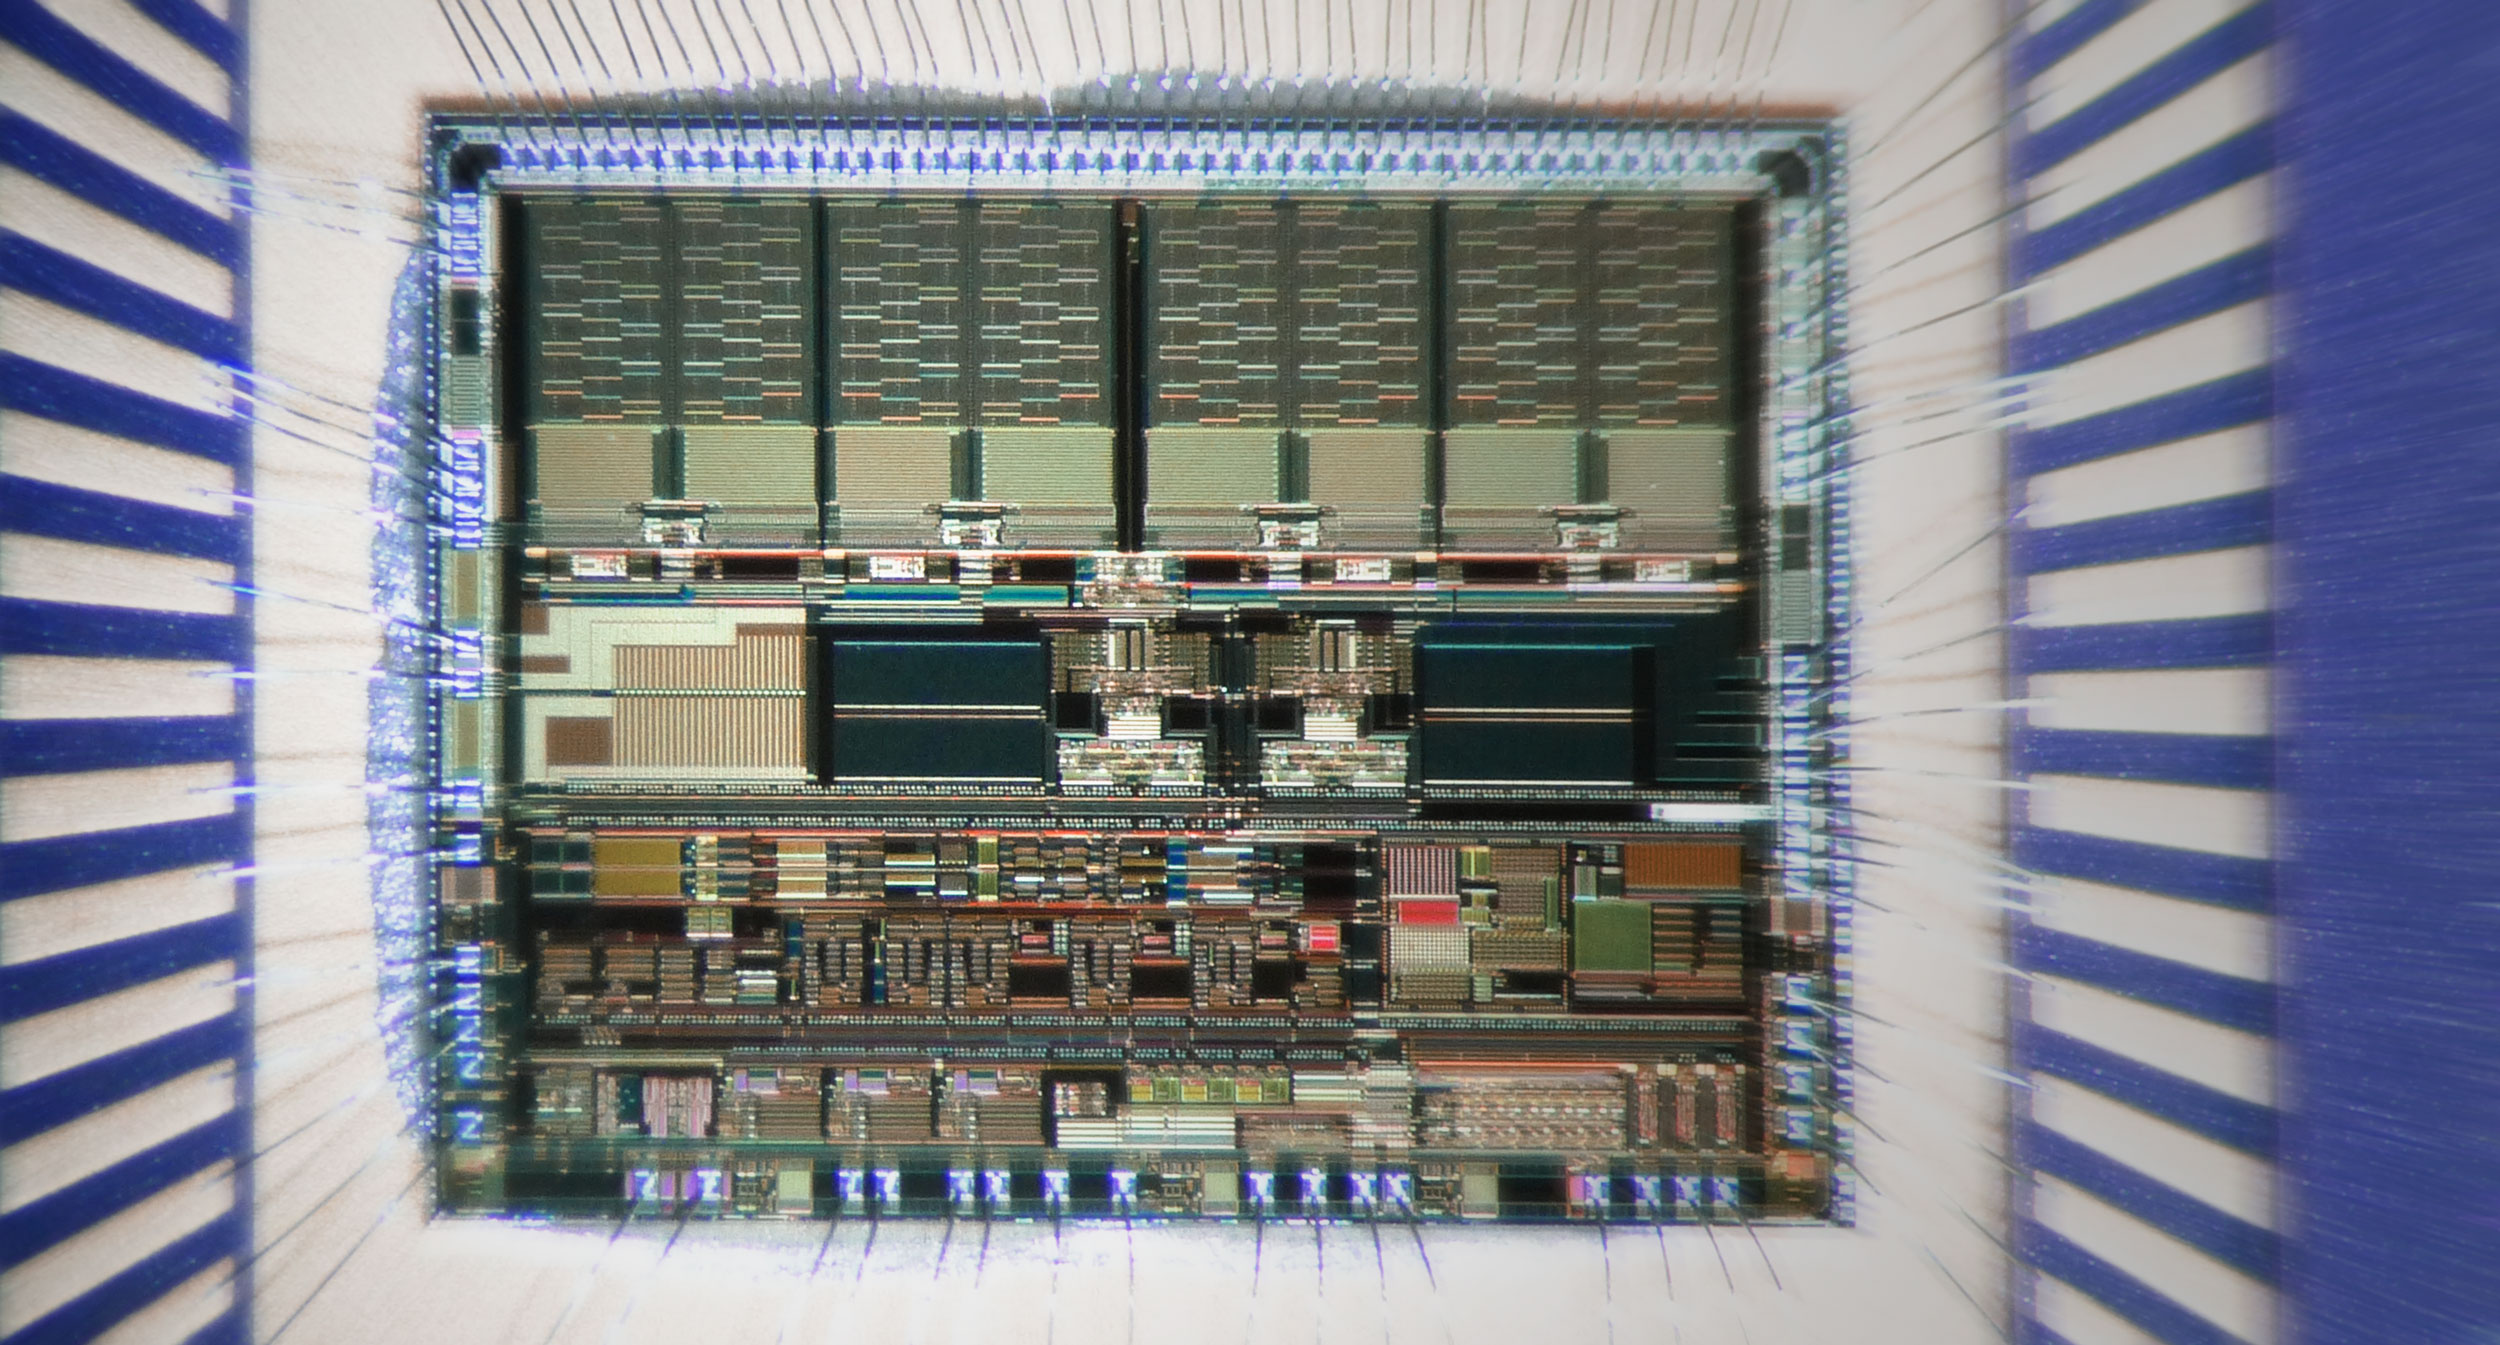 Ingénierie des composants électroniques – Intéreiur composant électronique